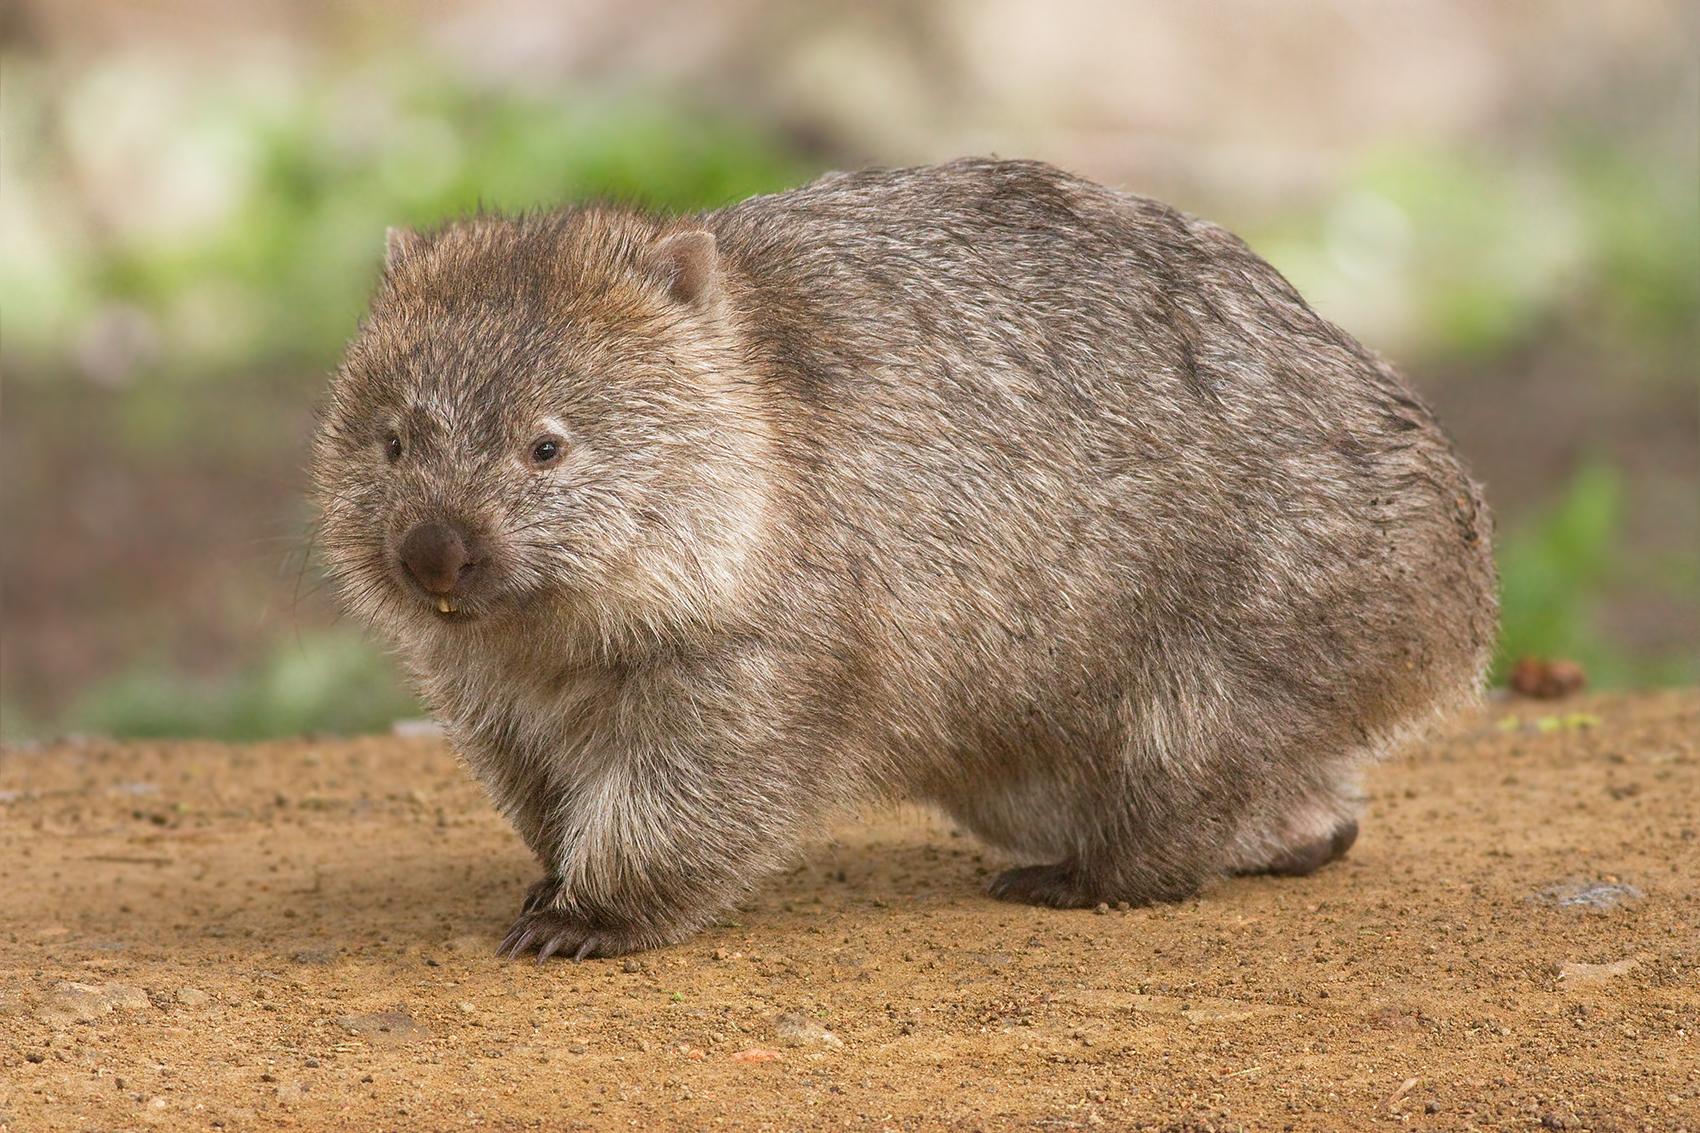 Wombat - Wikipedia